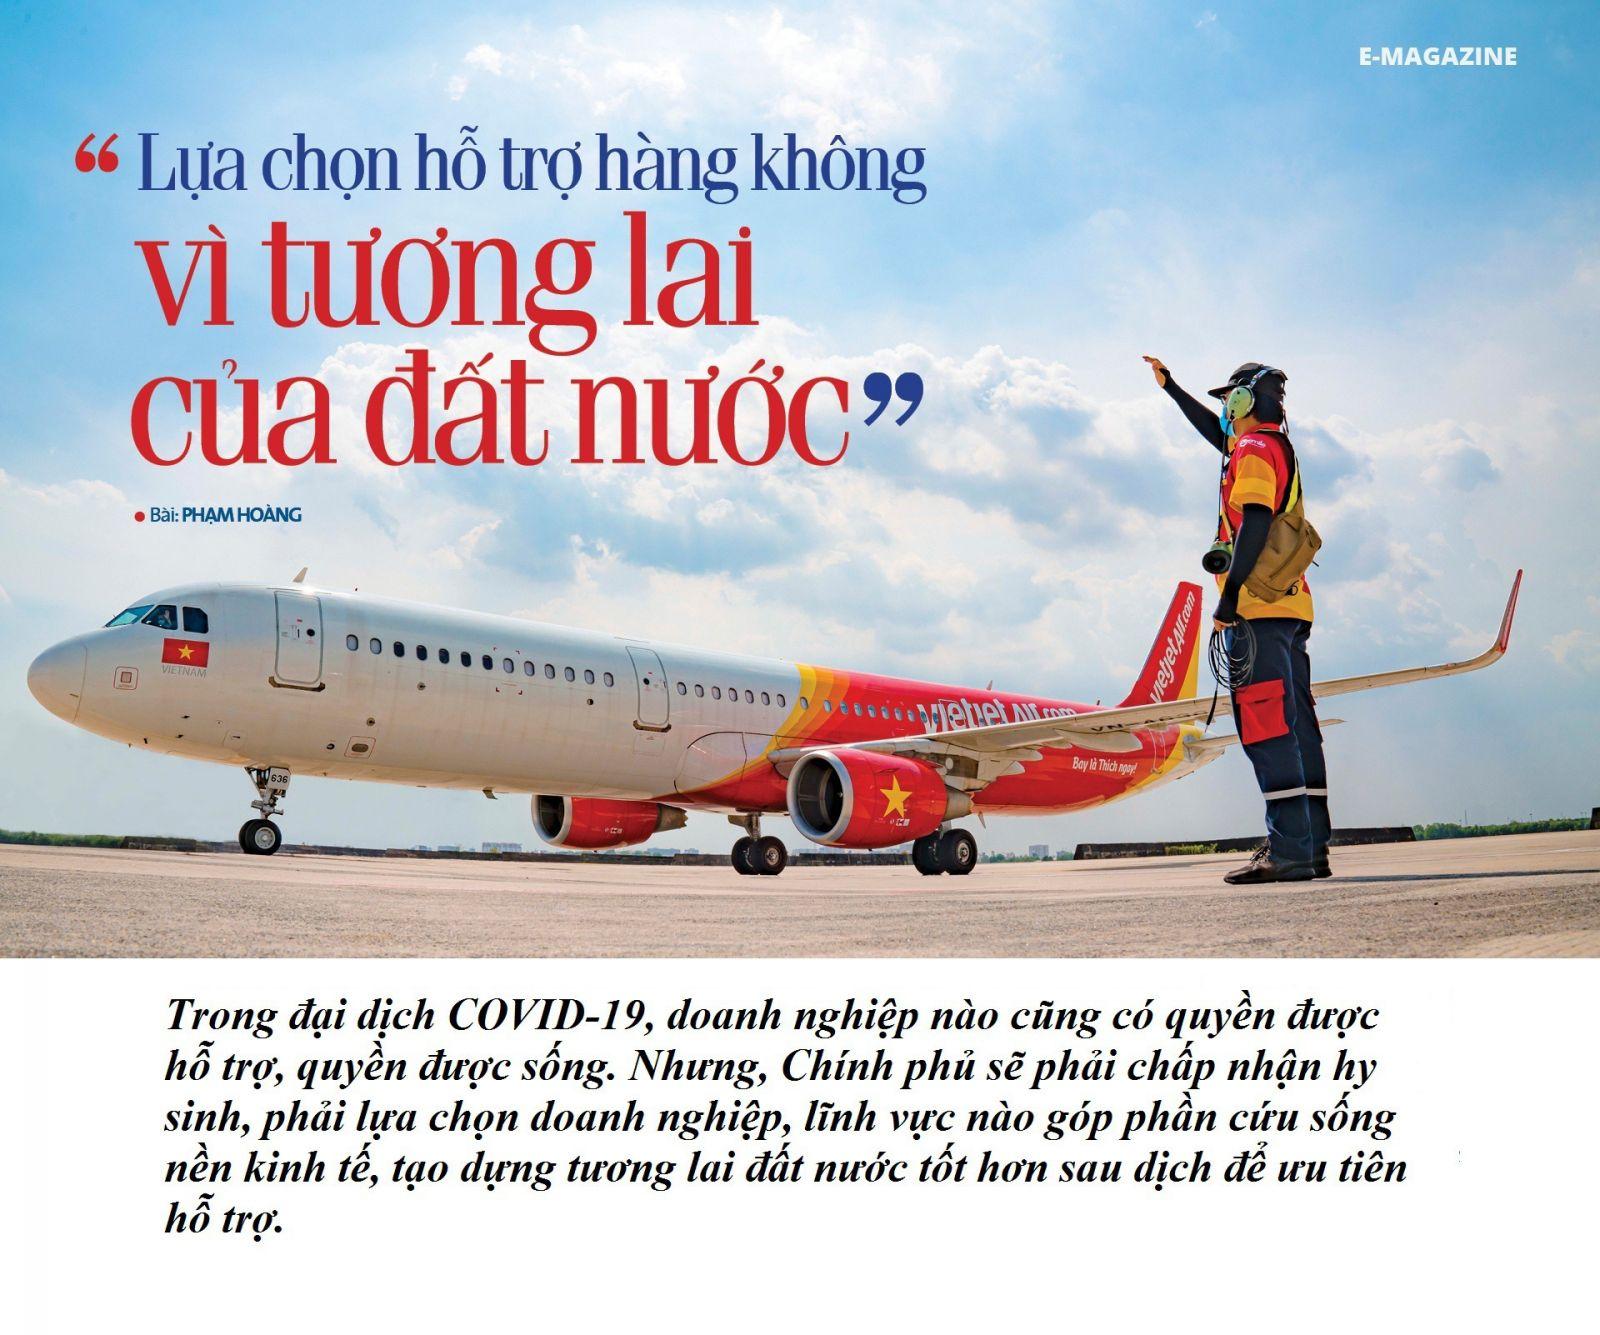 Lựa chọn hỗ trợ hàng không vì tương lai của đất nước